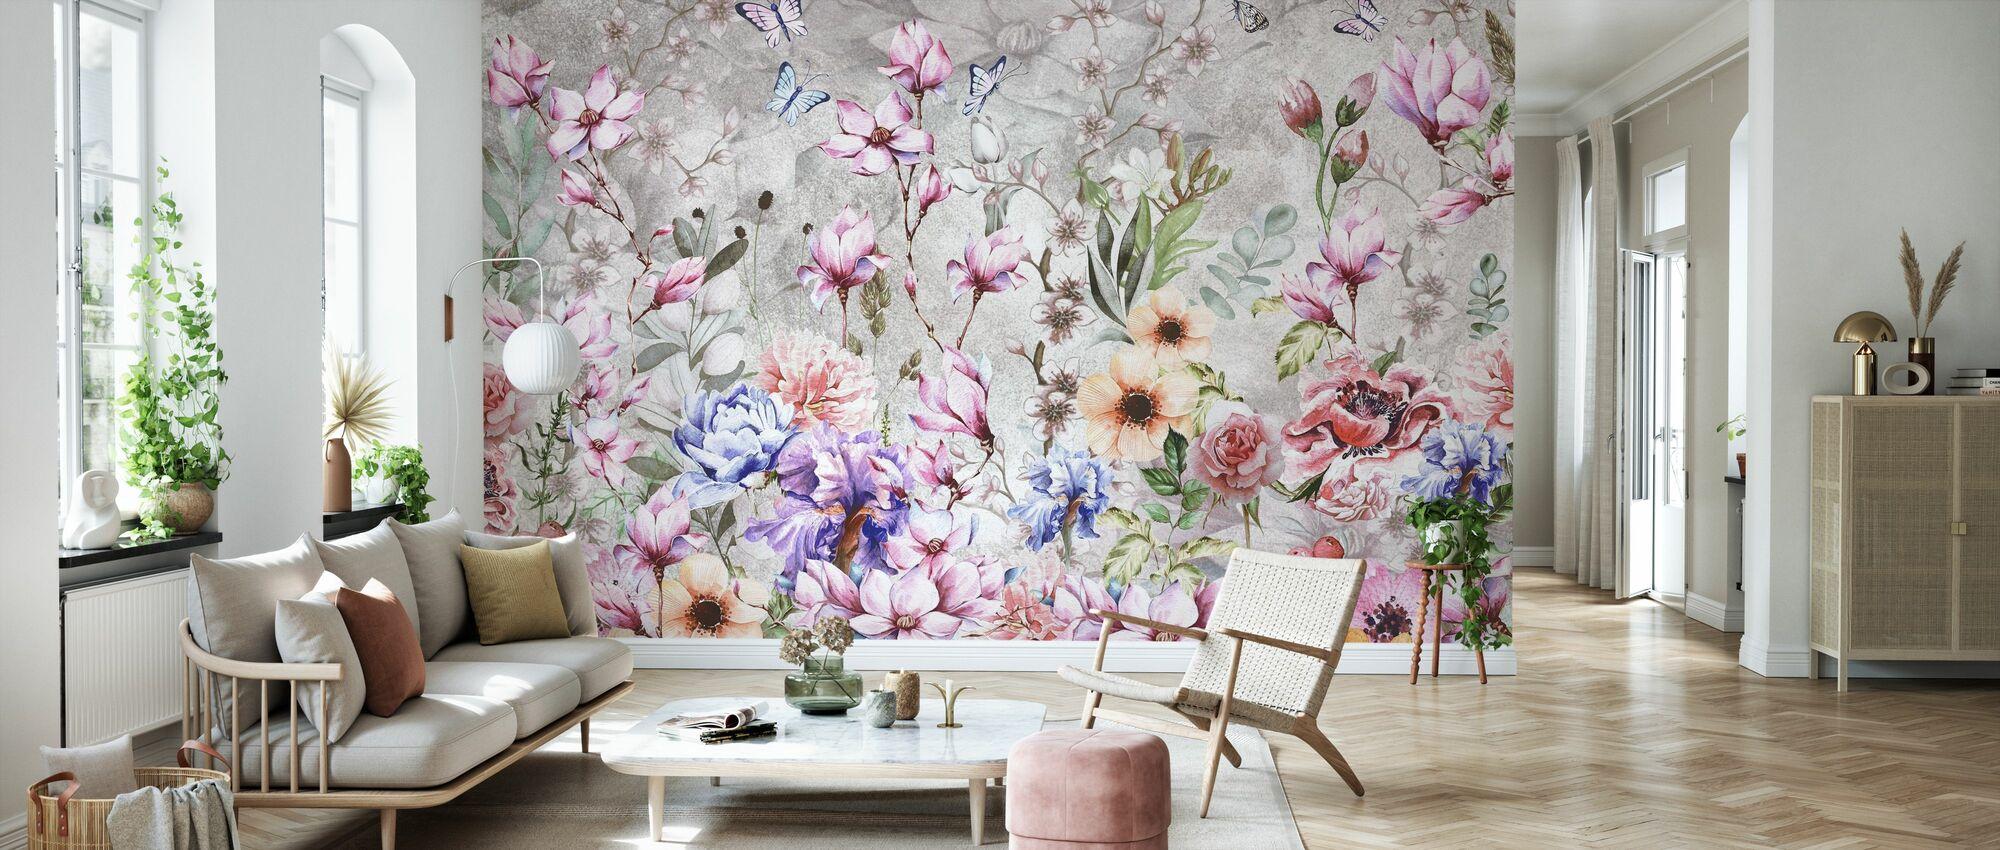 Sommer Blomster - Tapet - Stue